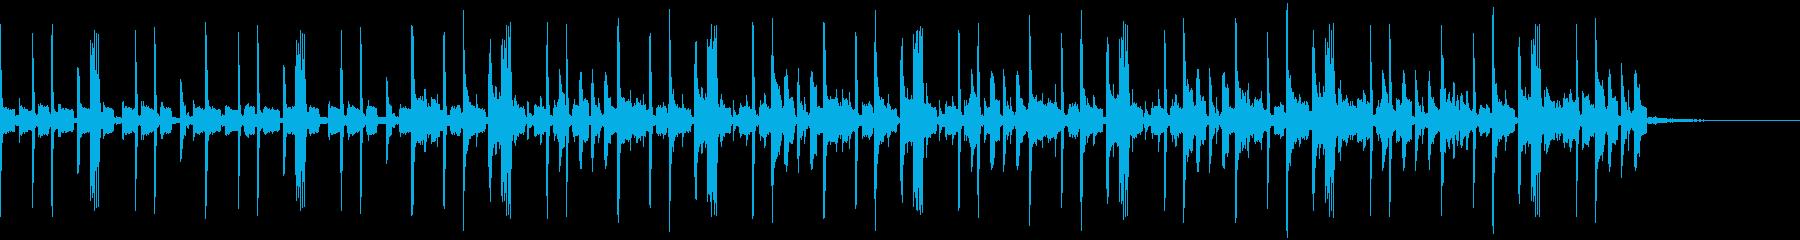 ディープでチルなEDM ヴォイス付き の再生済みの波形